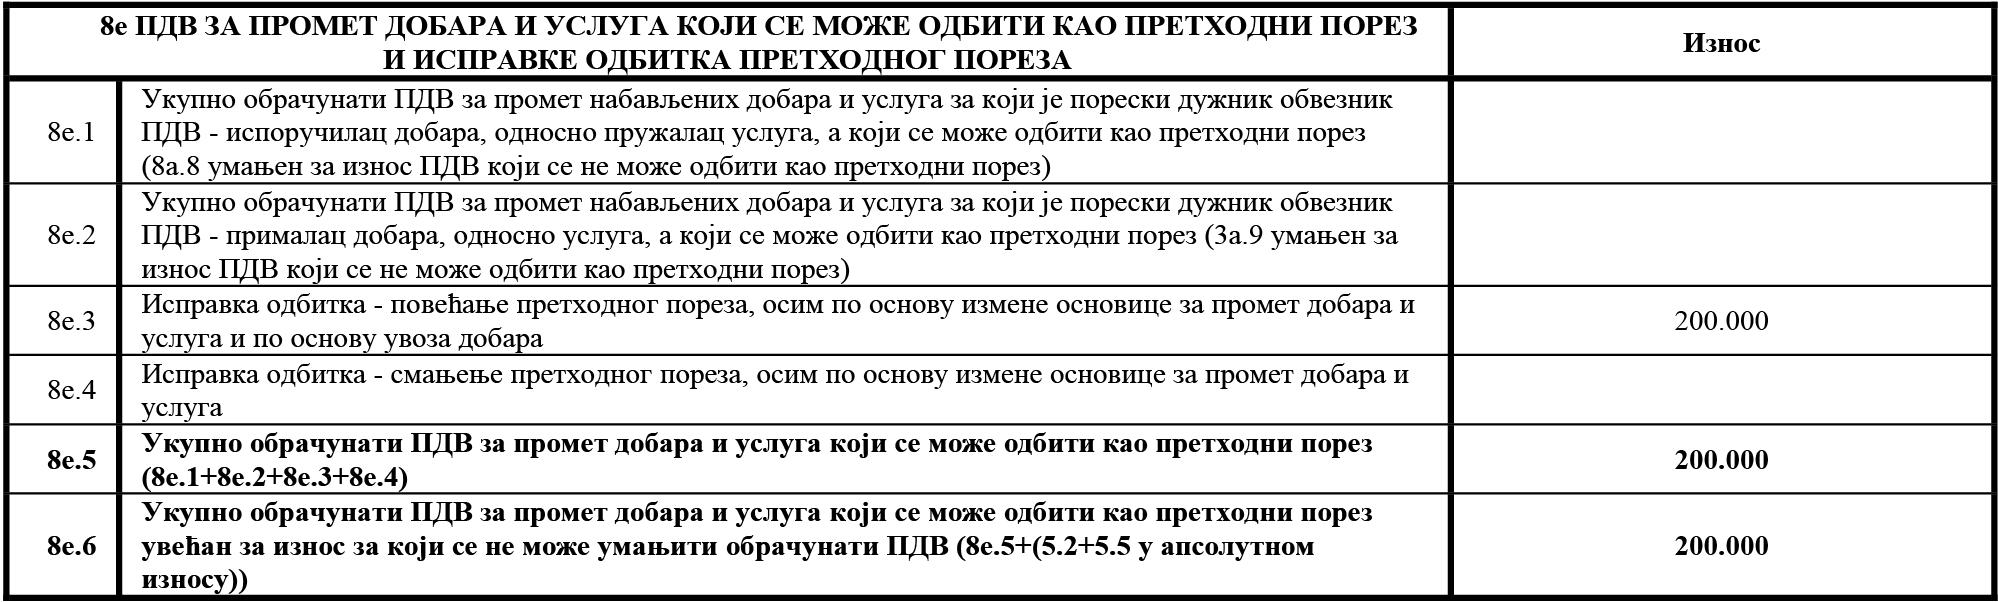 uputstvo PU obrazac POPDV primer 123